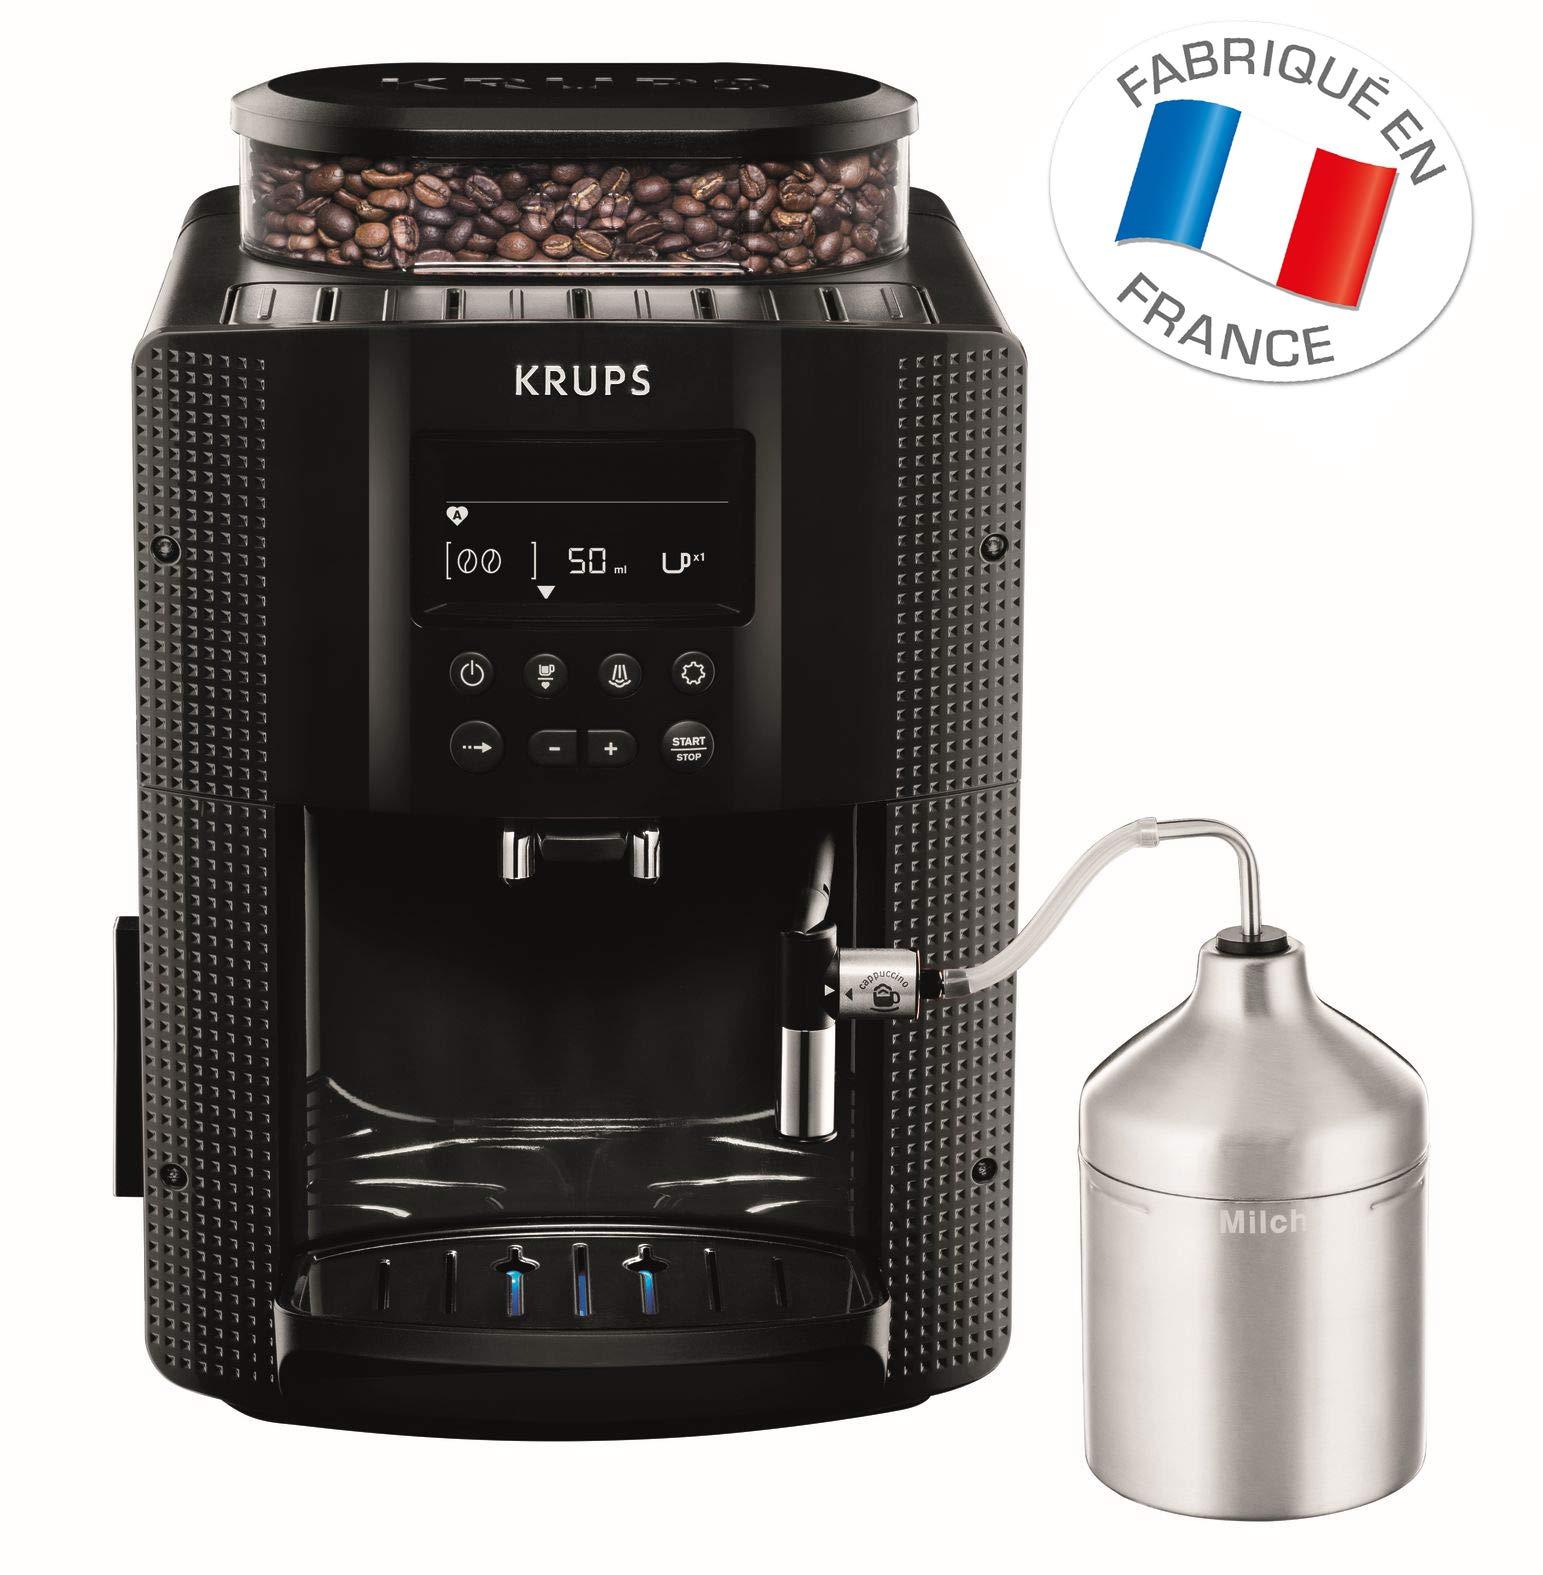 Krups EA8160 Kaffeevollautomat Cappuccinatore (1450 Watt, 1,8 Liter) schwarz